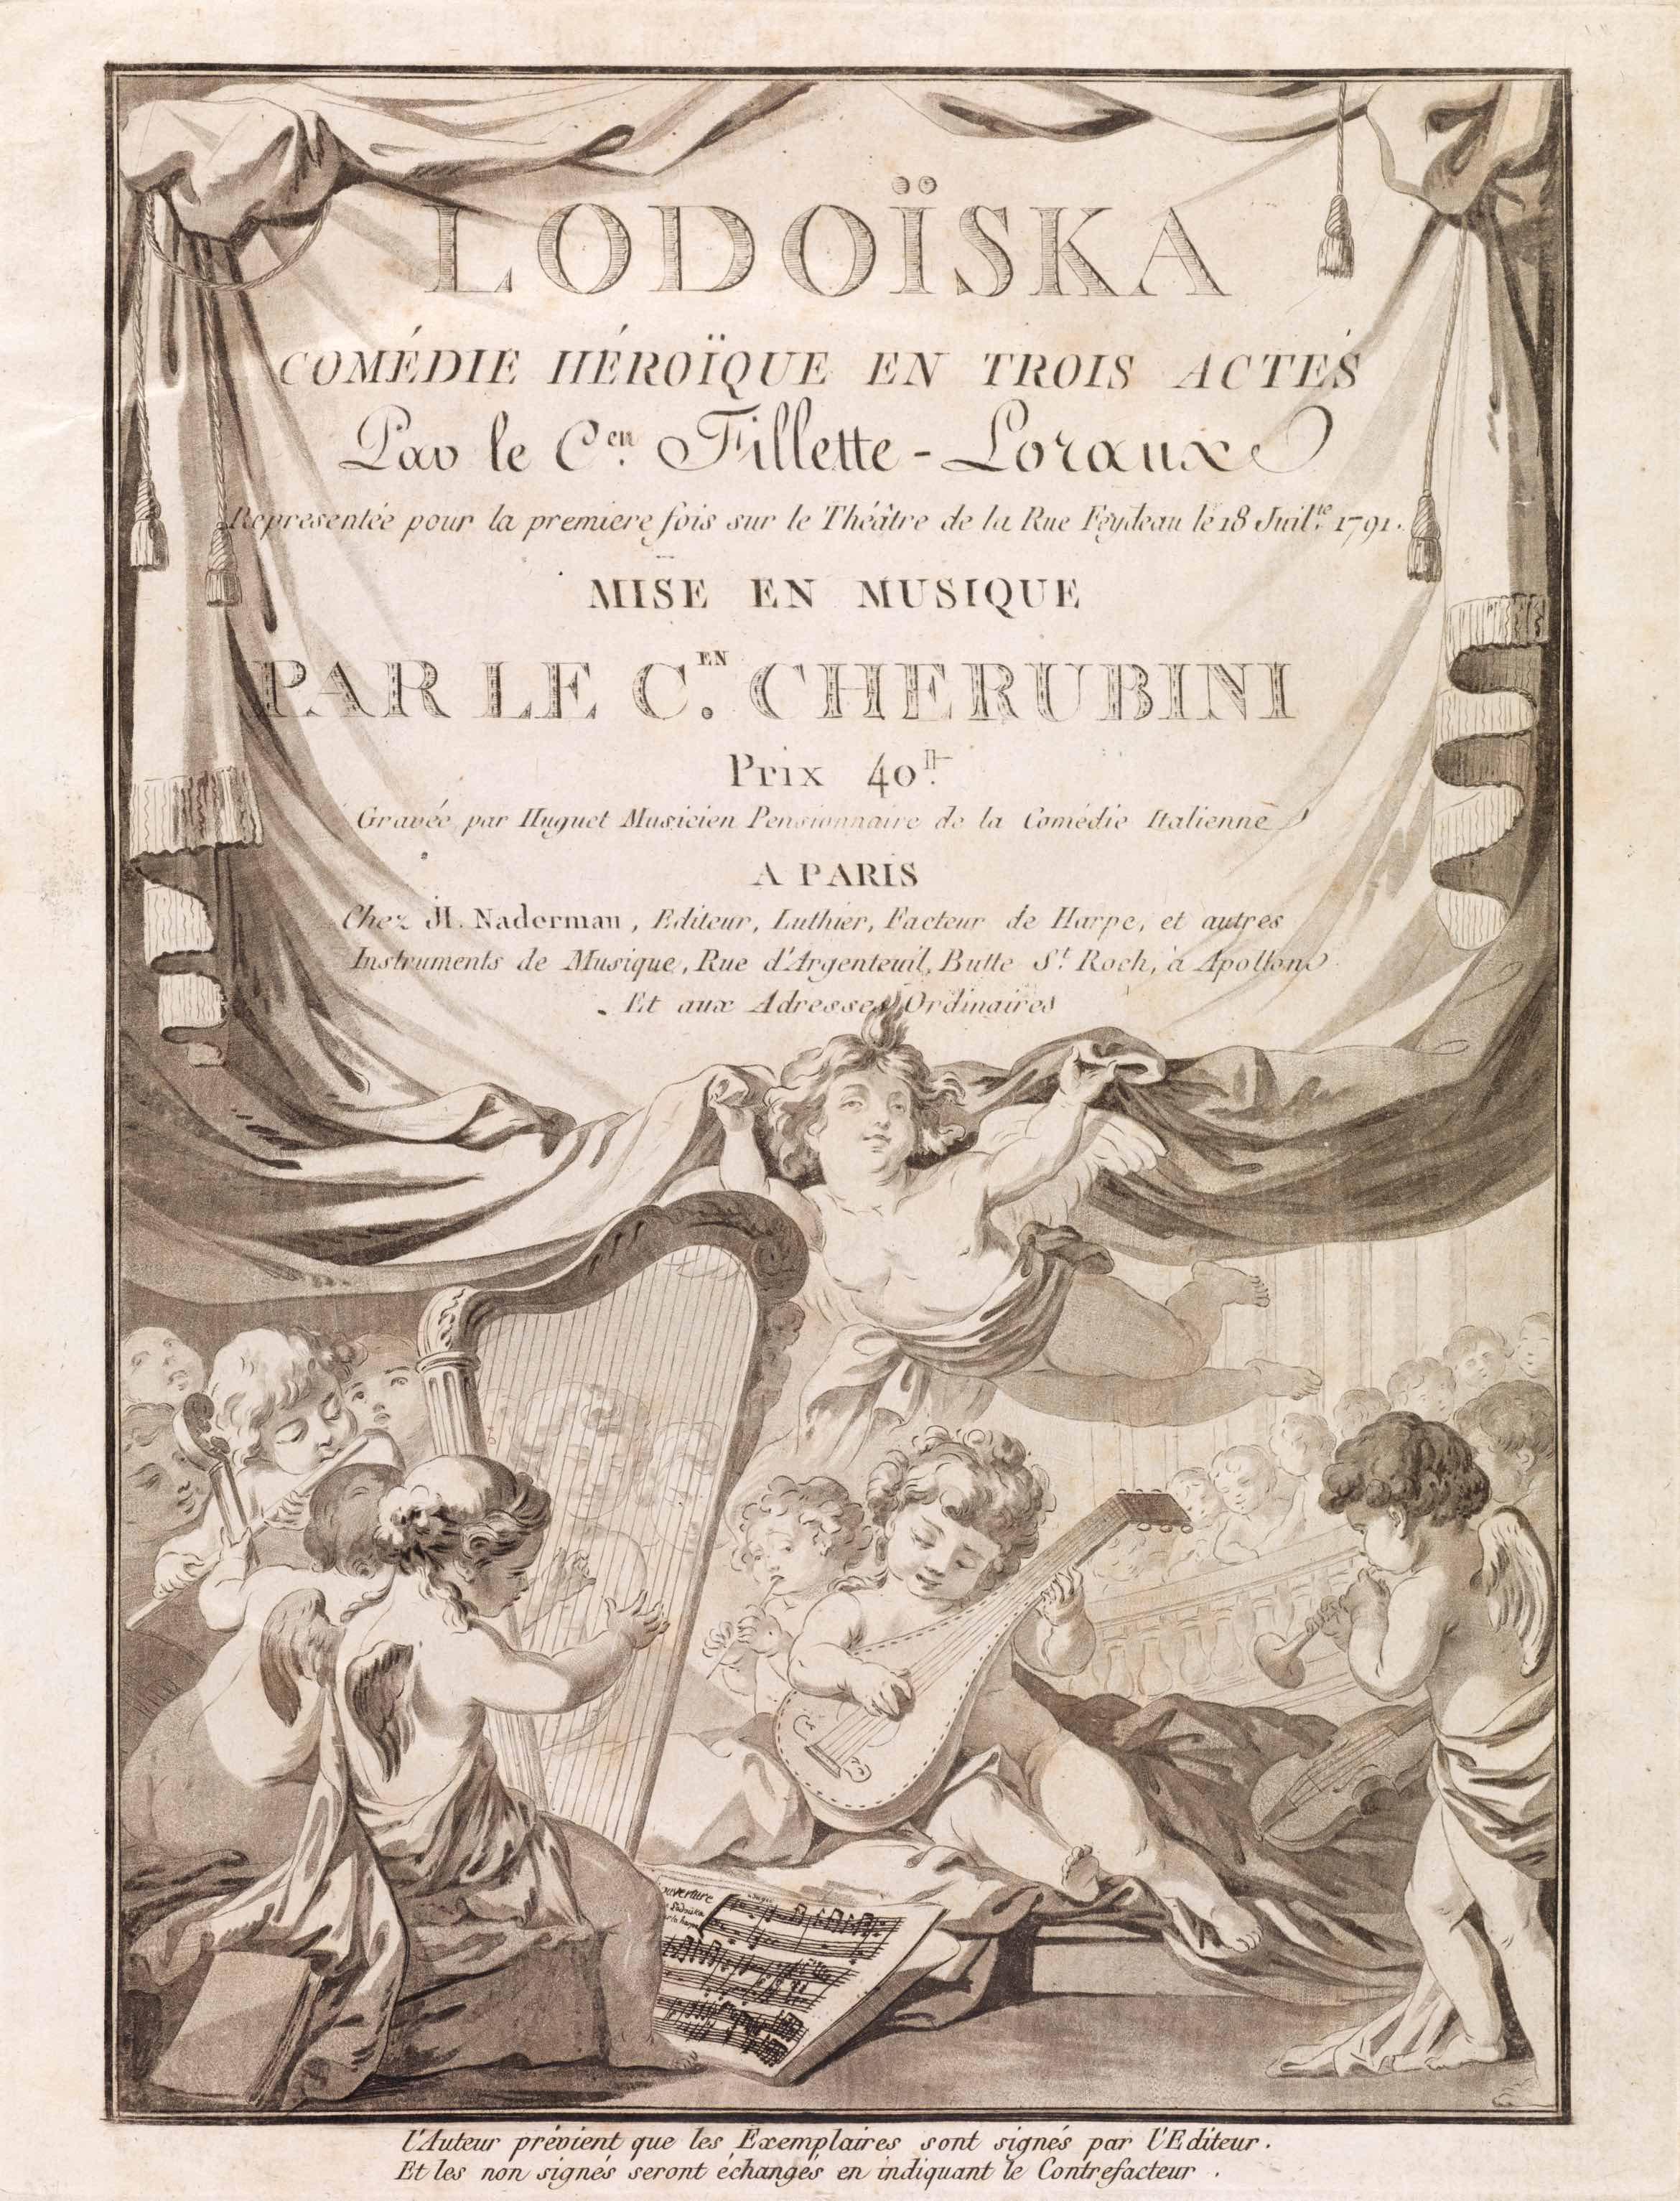 UniM Bail Music RB f  LHD 022 <br> Luigi Cherubini, composer ; [Nicolas?] Huguet, engraver <br> Frontispiece to: Lodoïska: comédie héroïque en trois actes  <br> Paris , [1792] <br> Hanson-Dyer Collection